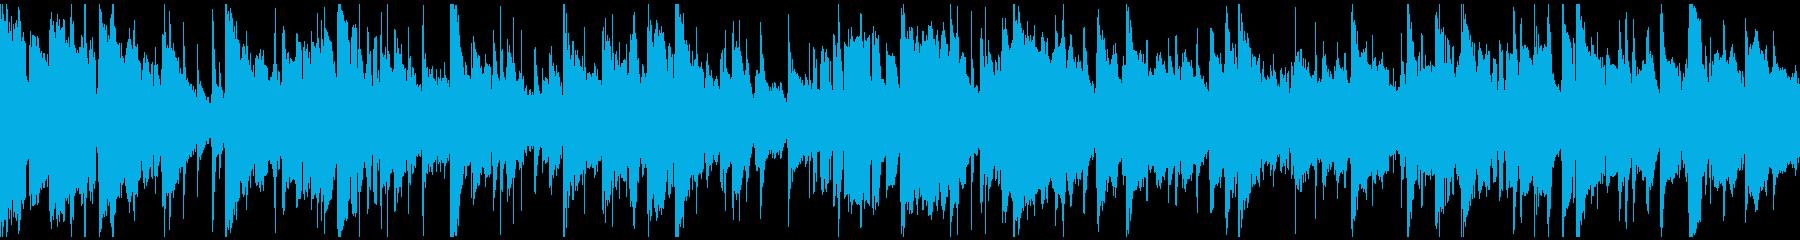 スムースジャズ、大人のサックス※ループ版の再生済みの波形